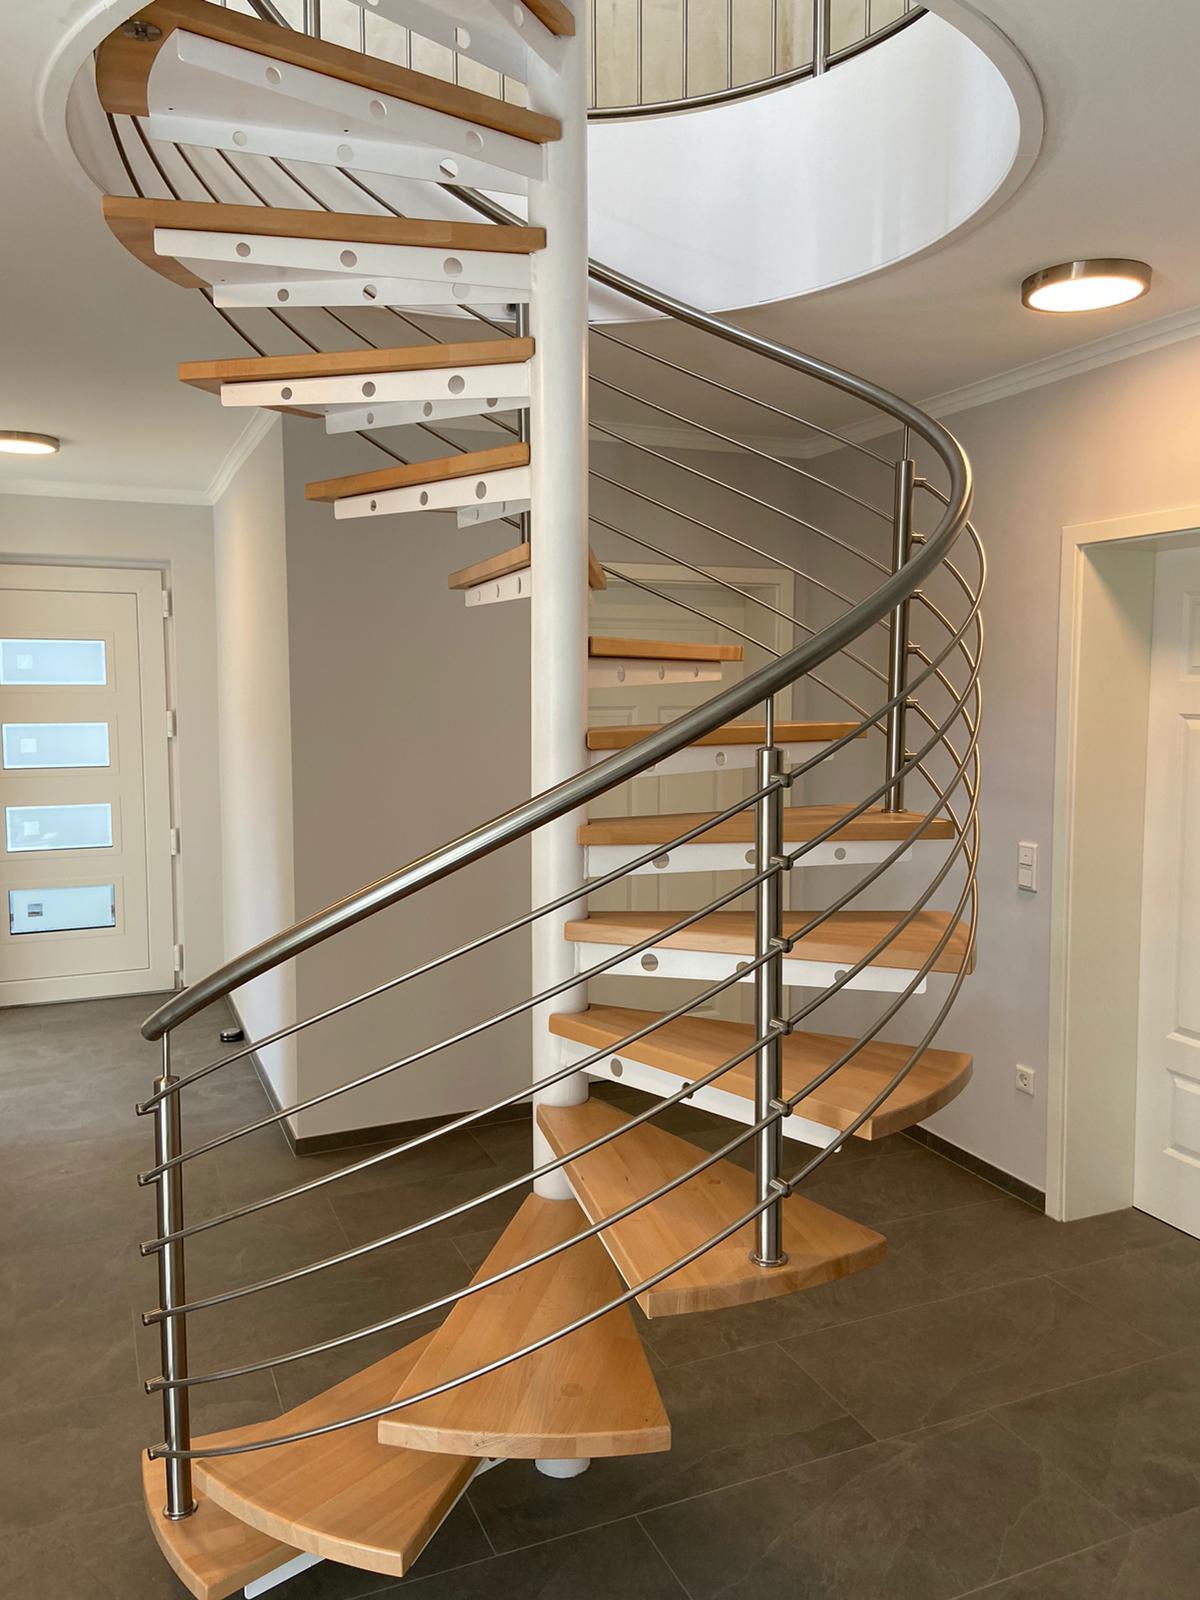 Spindeltreppe in weiß mit Stufen in Eiche natur und Treppengeländer in Edelstahl mit mitlaufenden Stäben